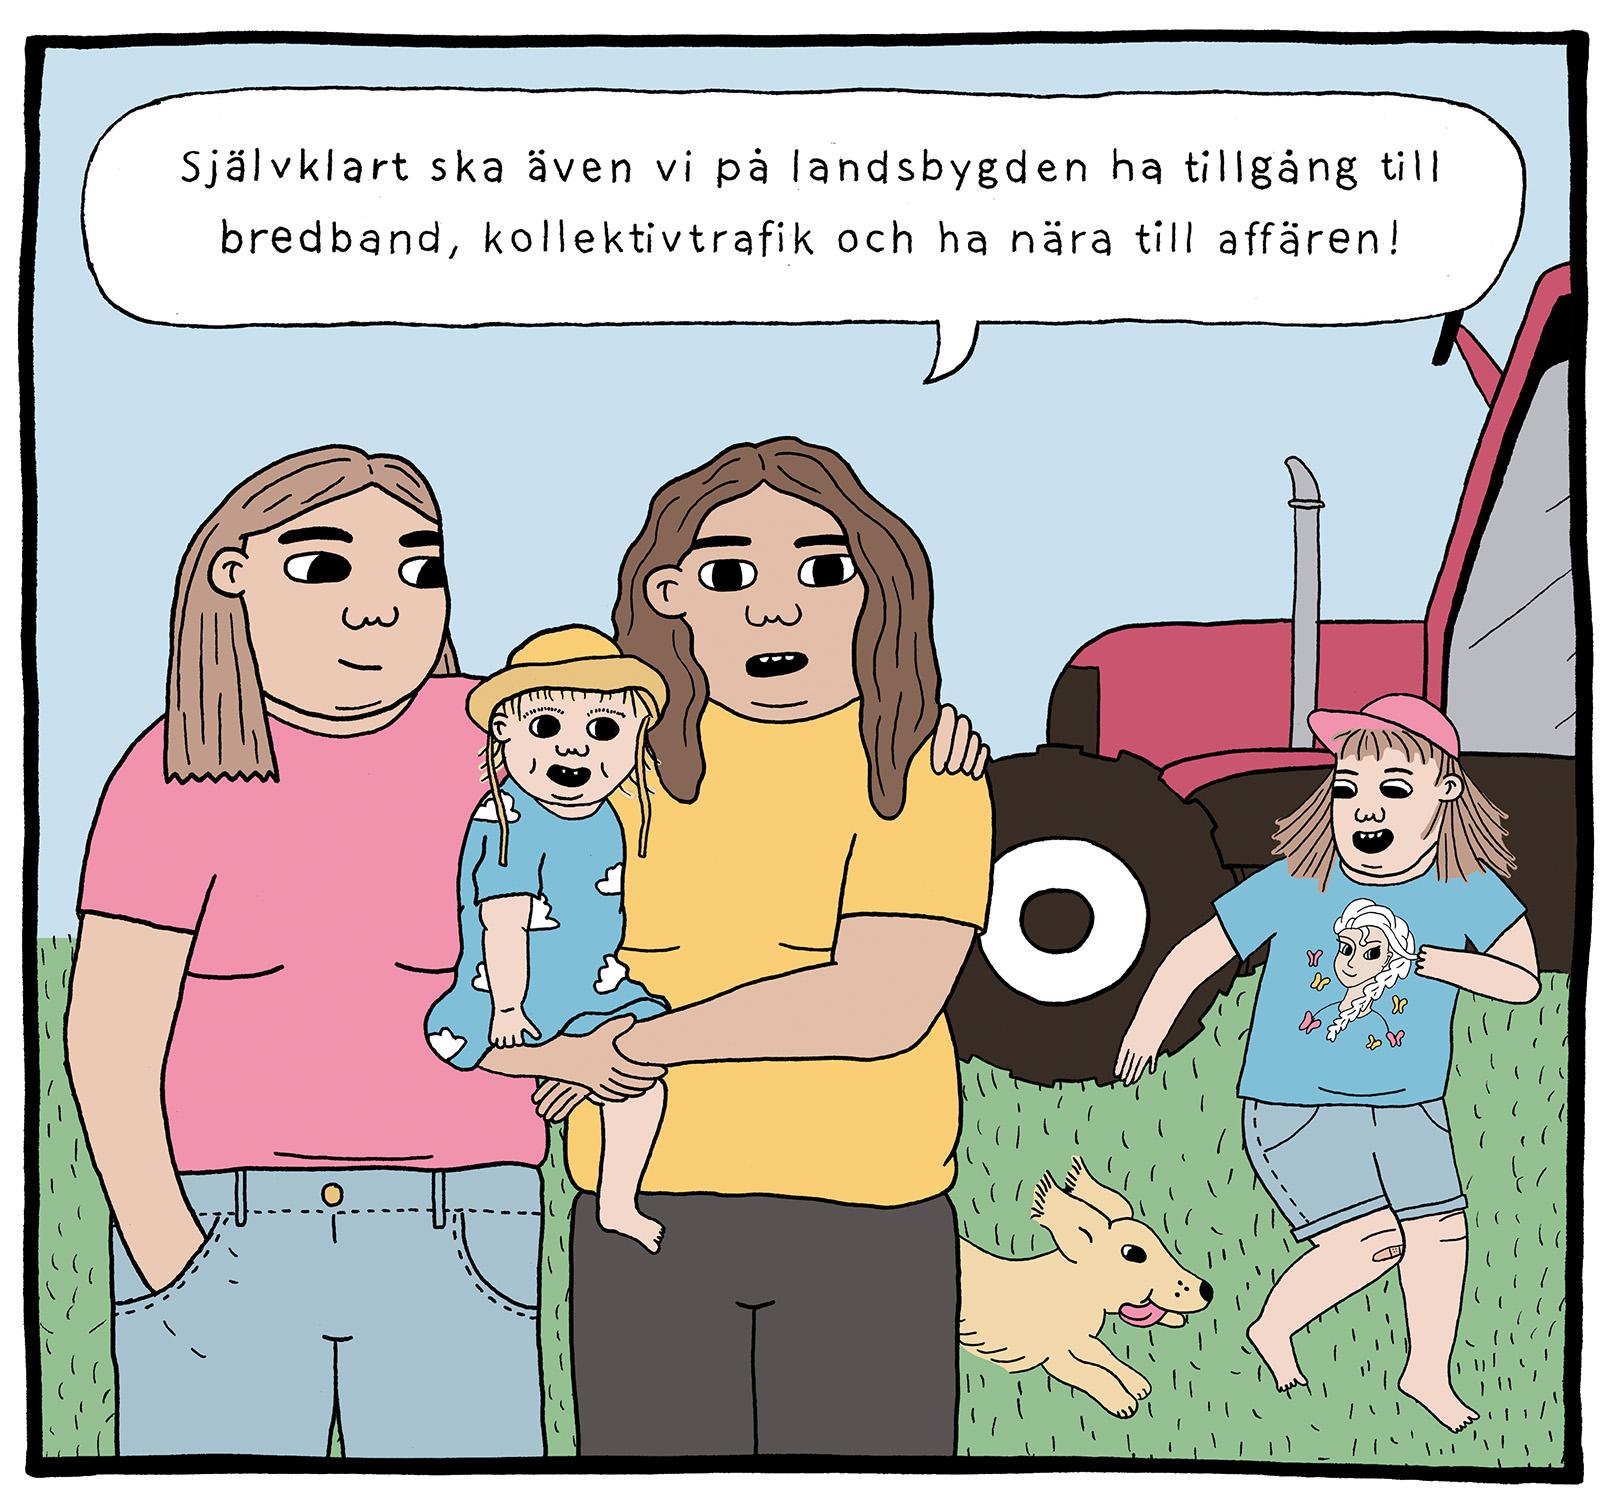 Tecknad bild på landsbygdsbor som kräver service även på landsbygden.